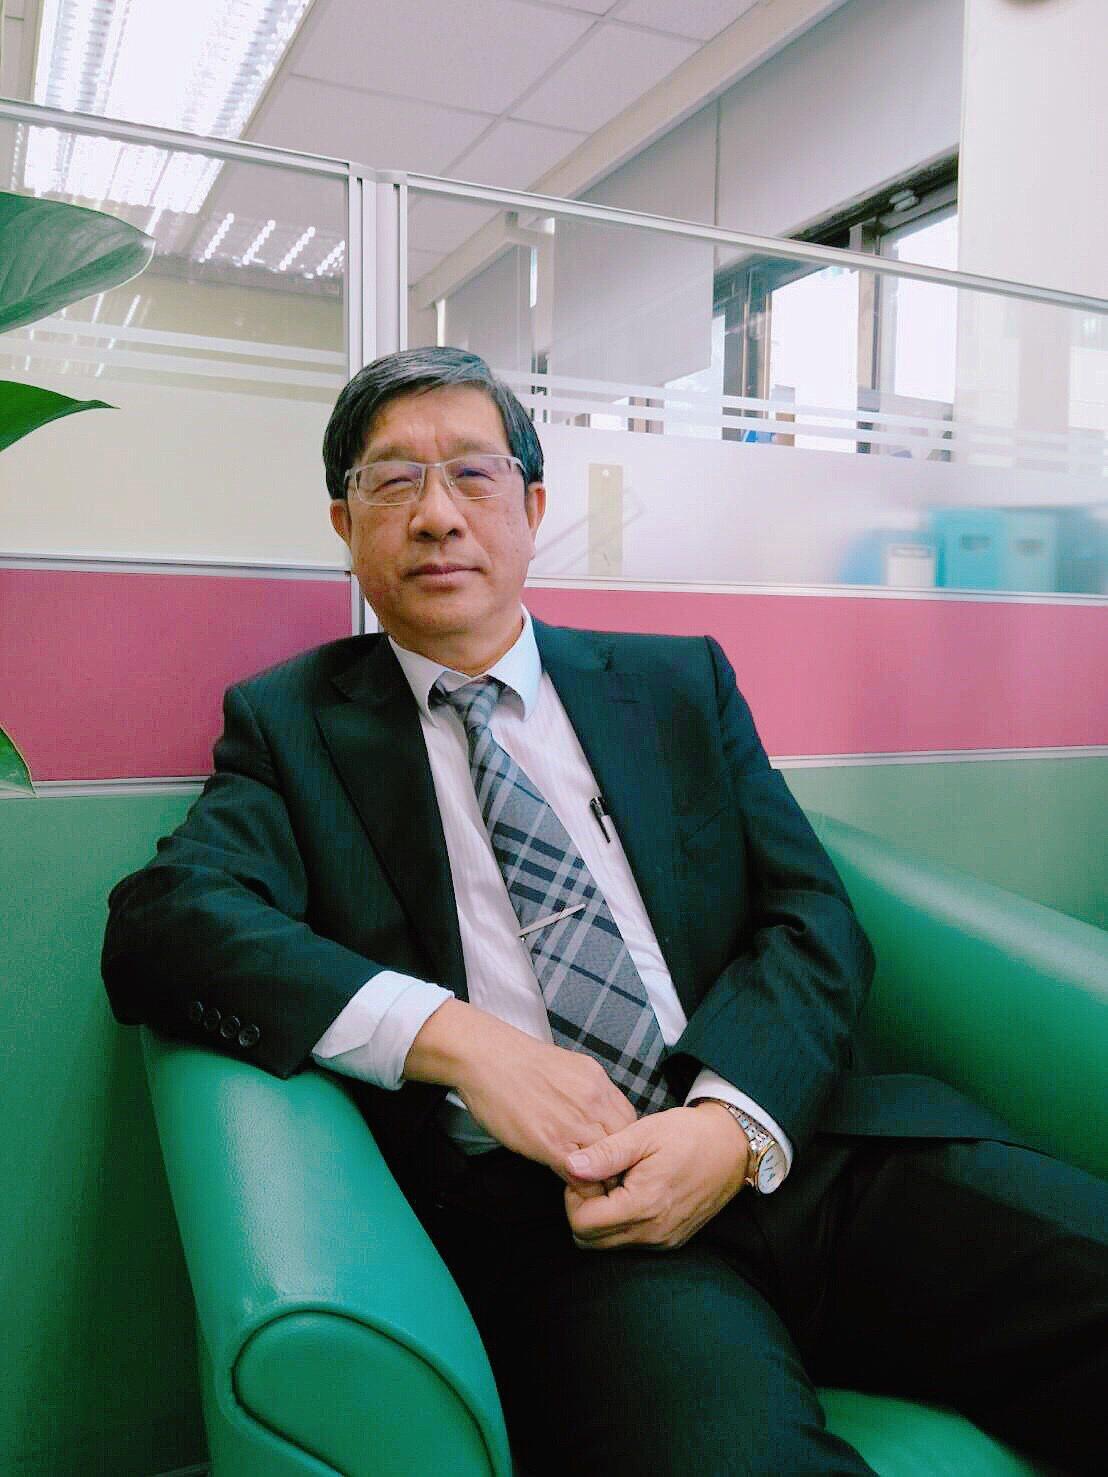 桃園市衛生局長王文彥說,桃園首創全國同時採購十三價結合型肺炎鏈球菌疫苗(PCV1...